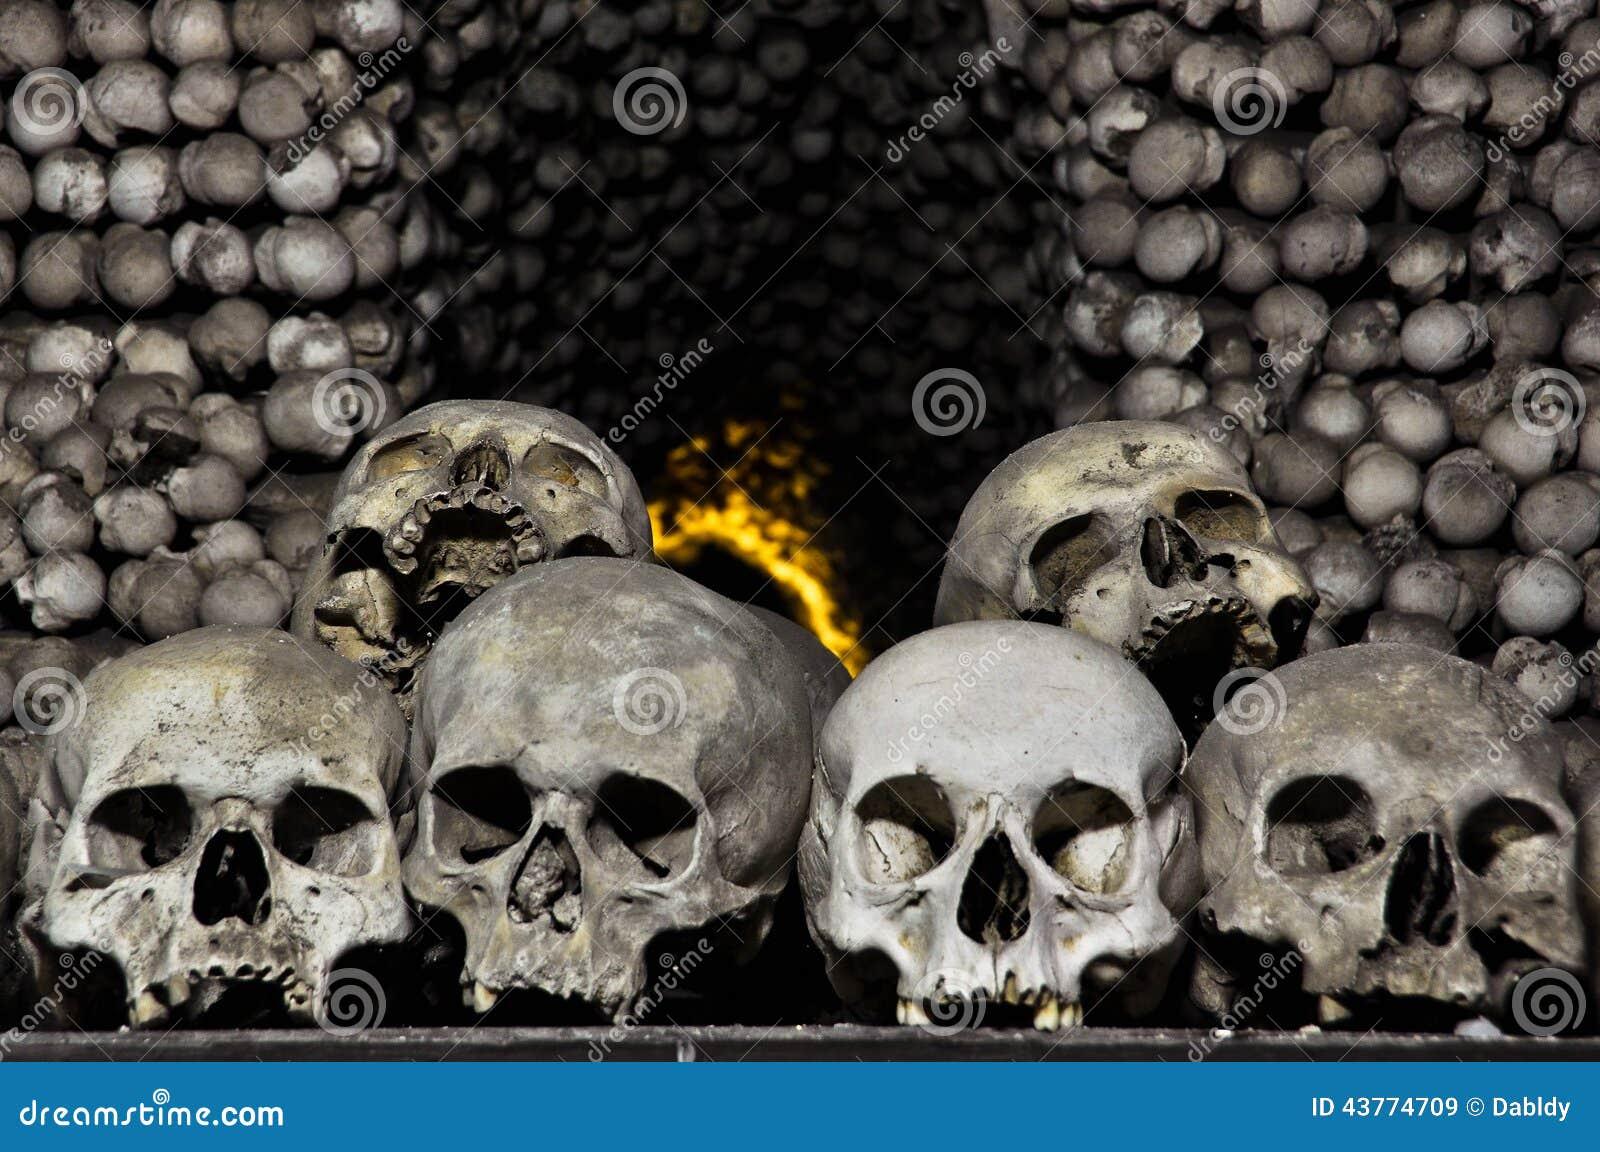 Cráneos y huesos humanos imagen de archivo. Imagen de genocidio ...